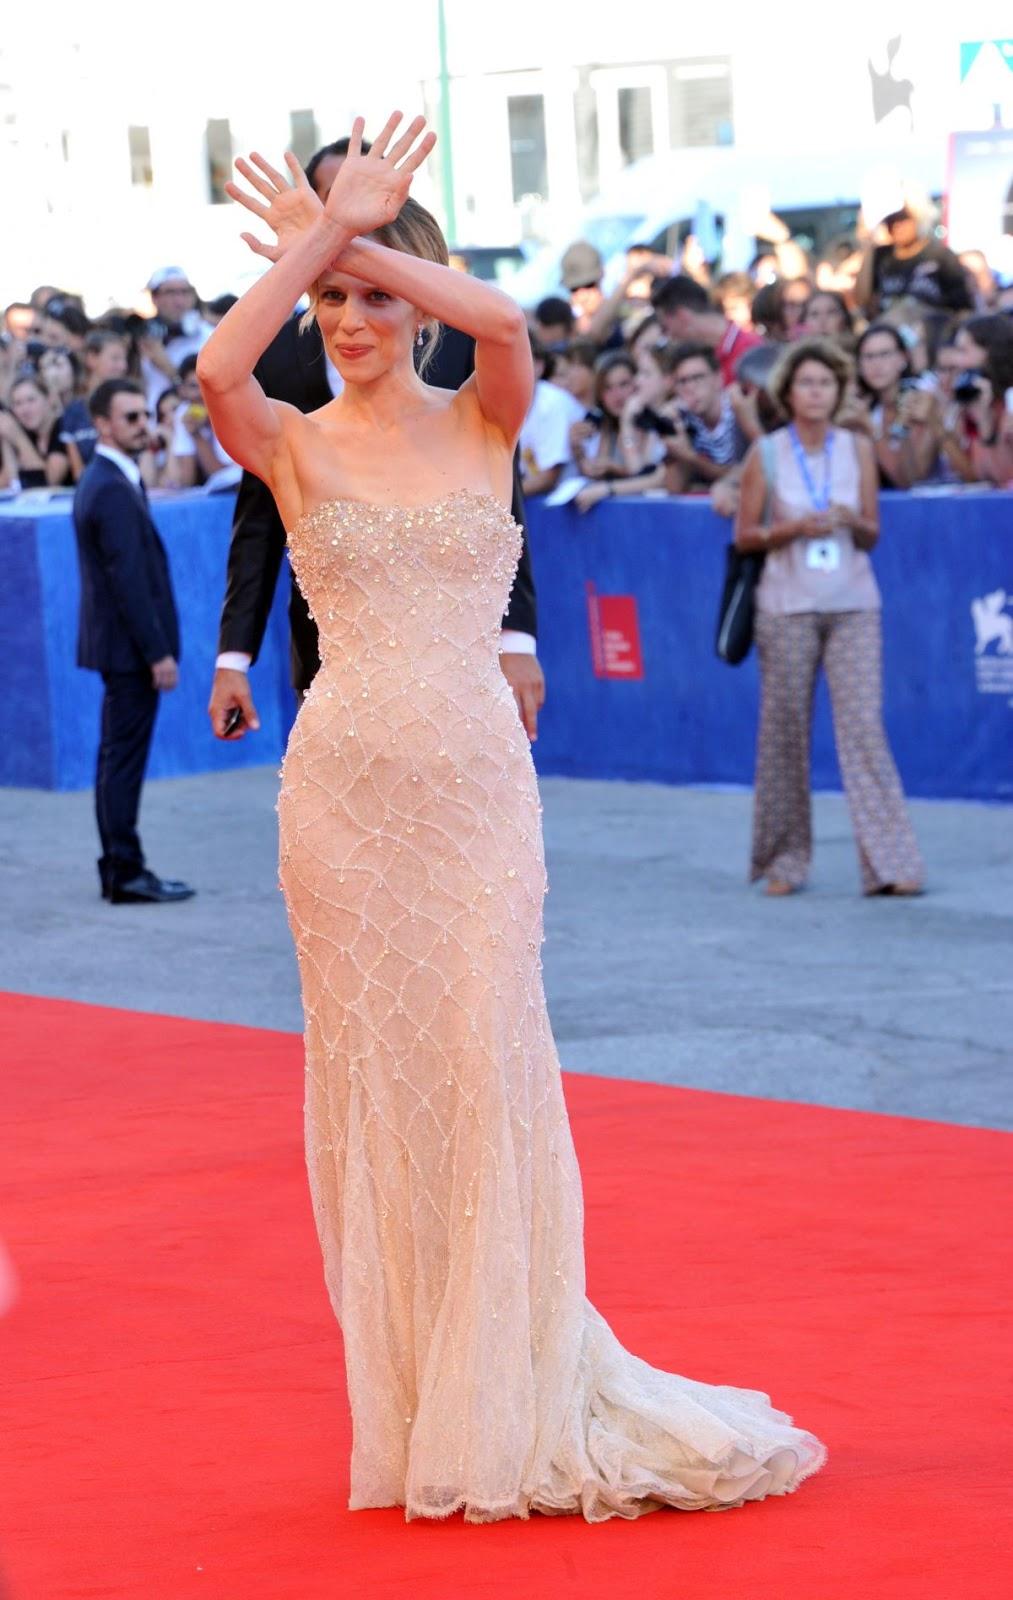 HD Photos of Sonia Bergamasco at La La Land Premiere at 2016 73rd Venice Film Festival